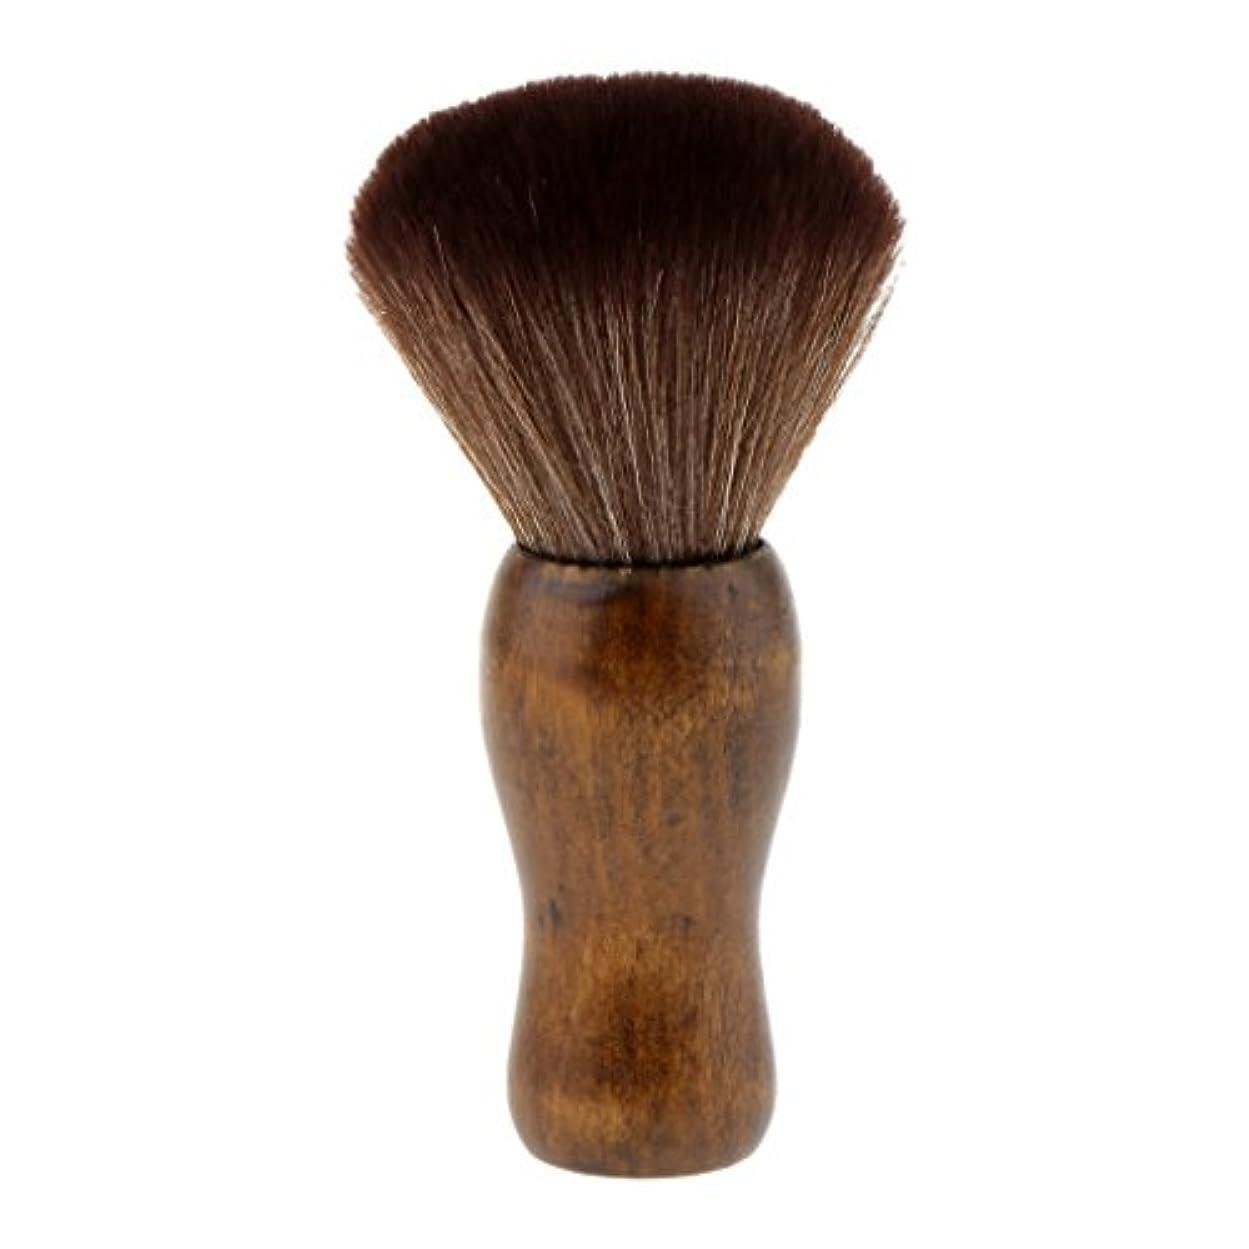 専制マトンパズルシェービングブラシ シェービング 洗顔 ブラシ メイクブラシ ソフト 快適 シェービングツール 2色選べる - 褐色